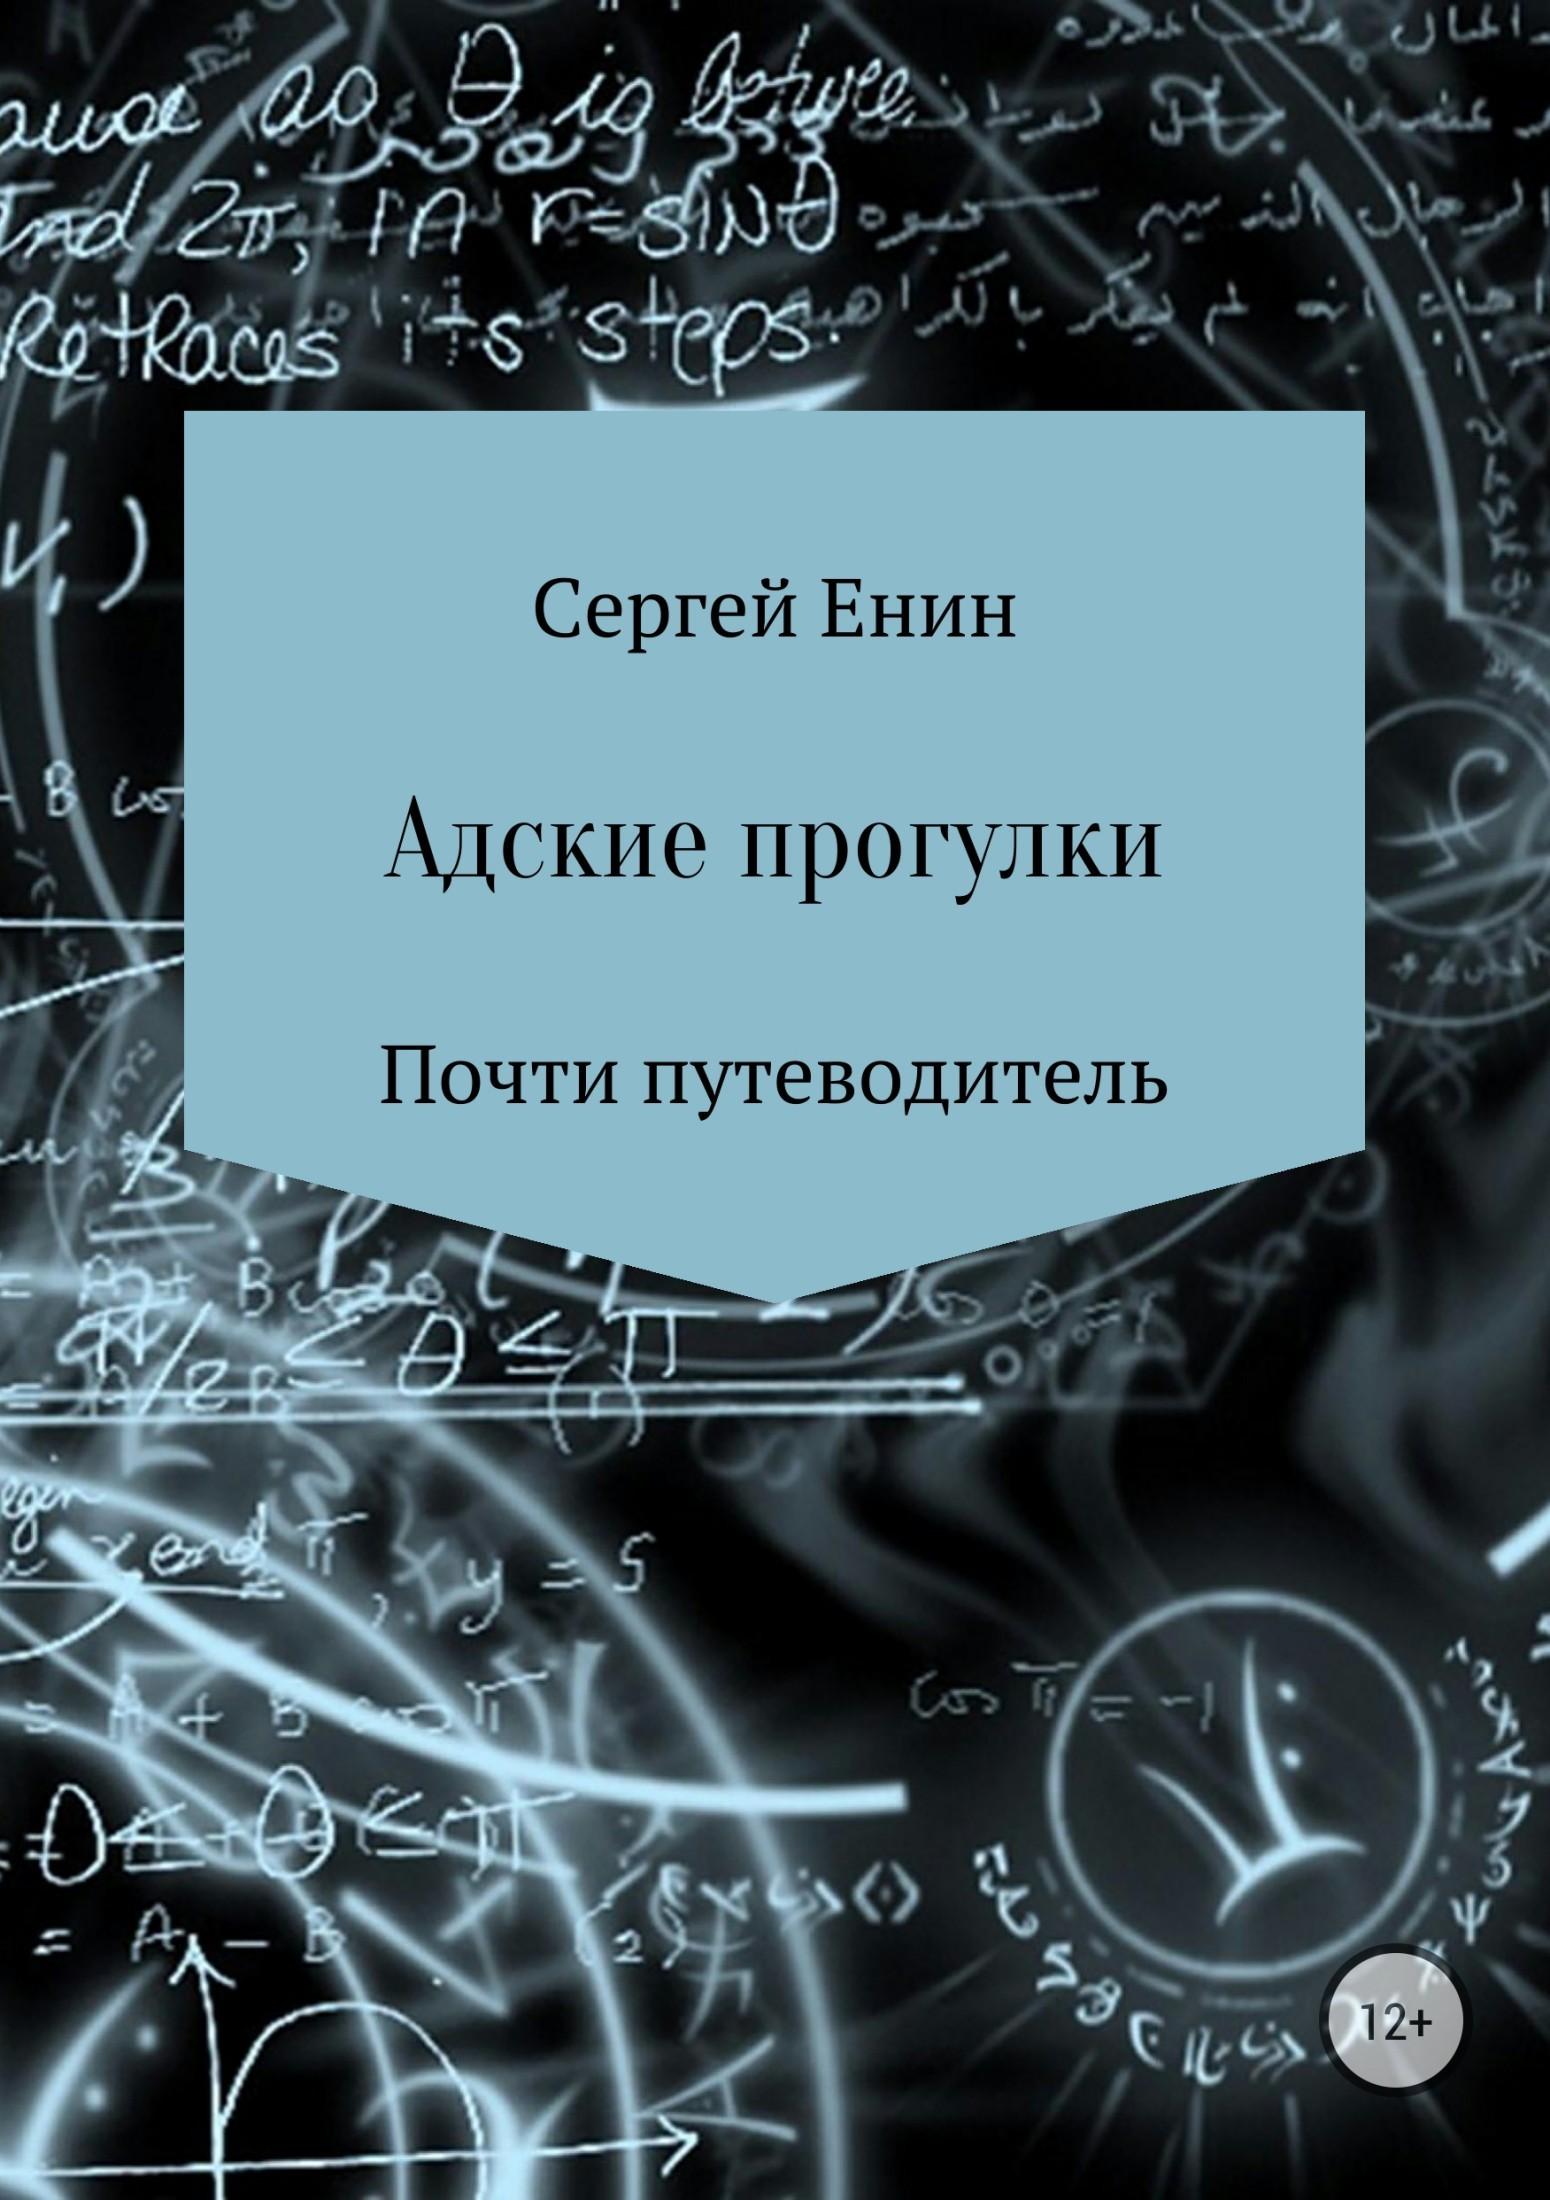 Сергей Евгеньевич Енин Адские прогулки